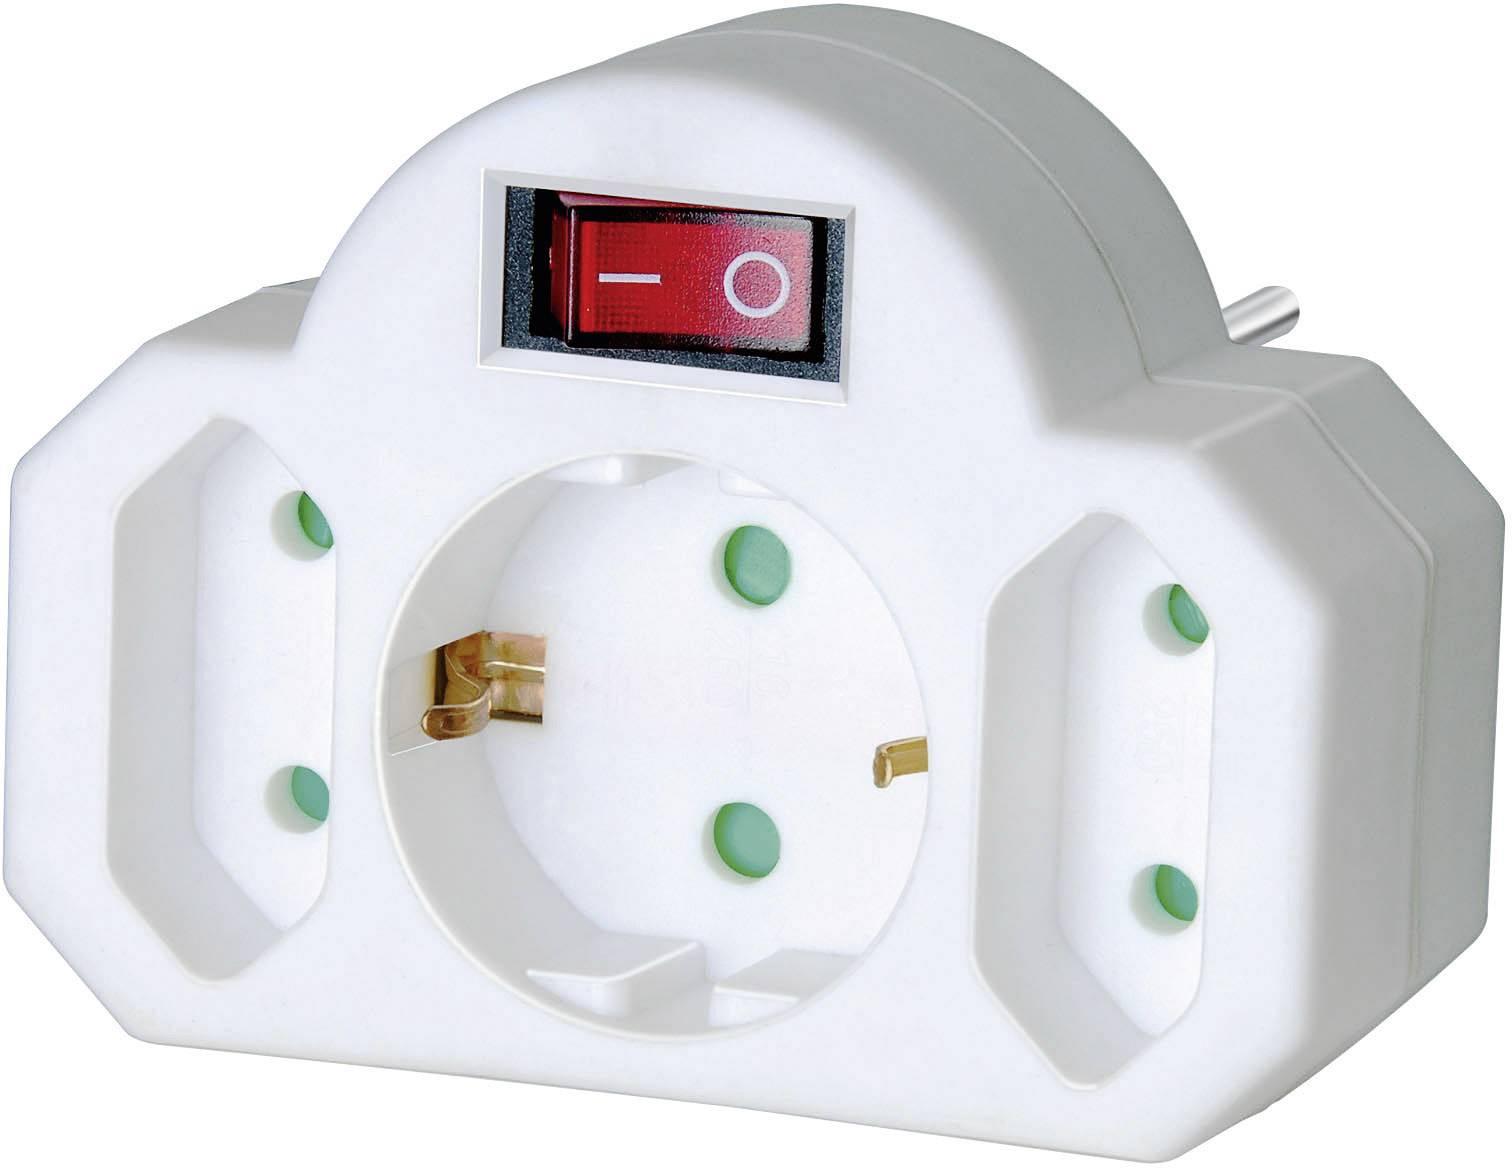 Vypínateľný zástrčkový adaptér